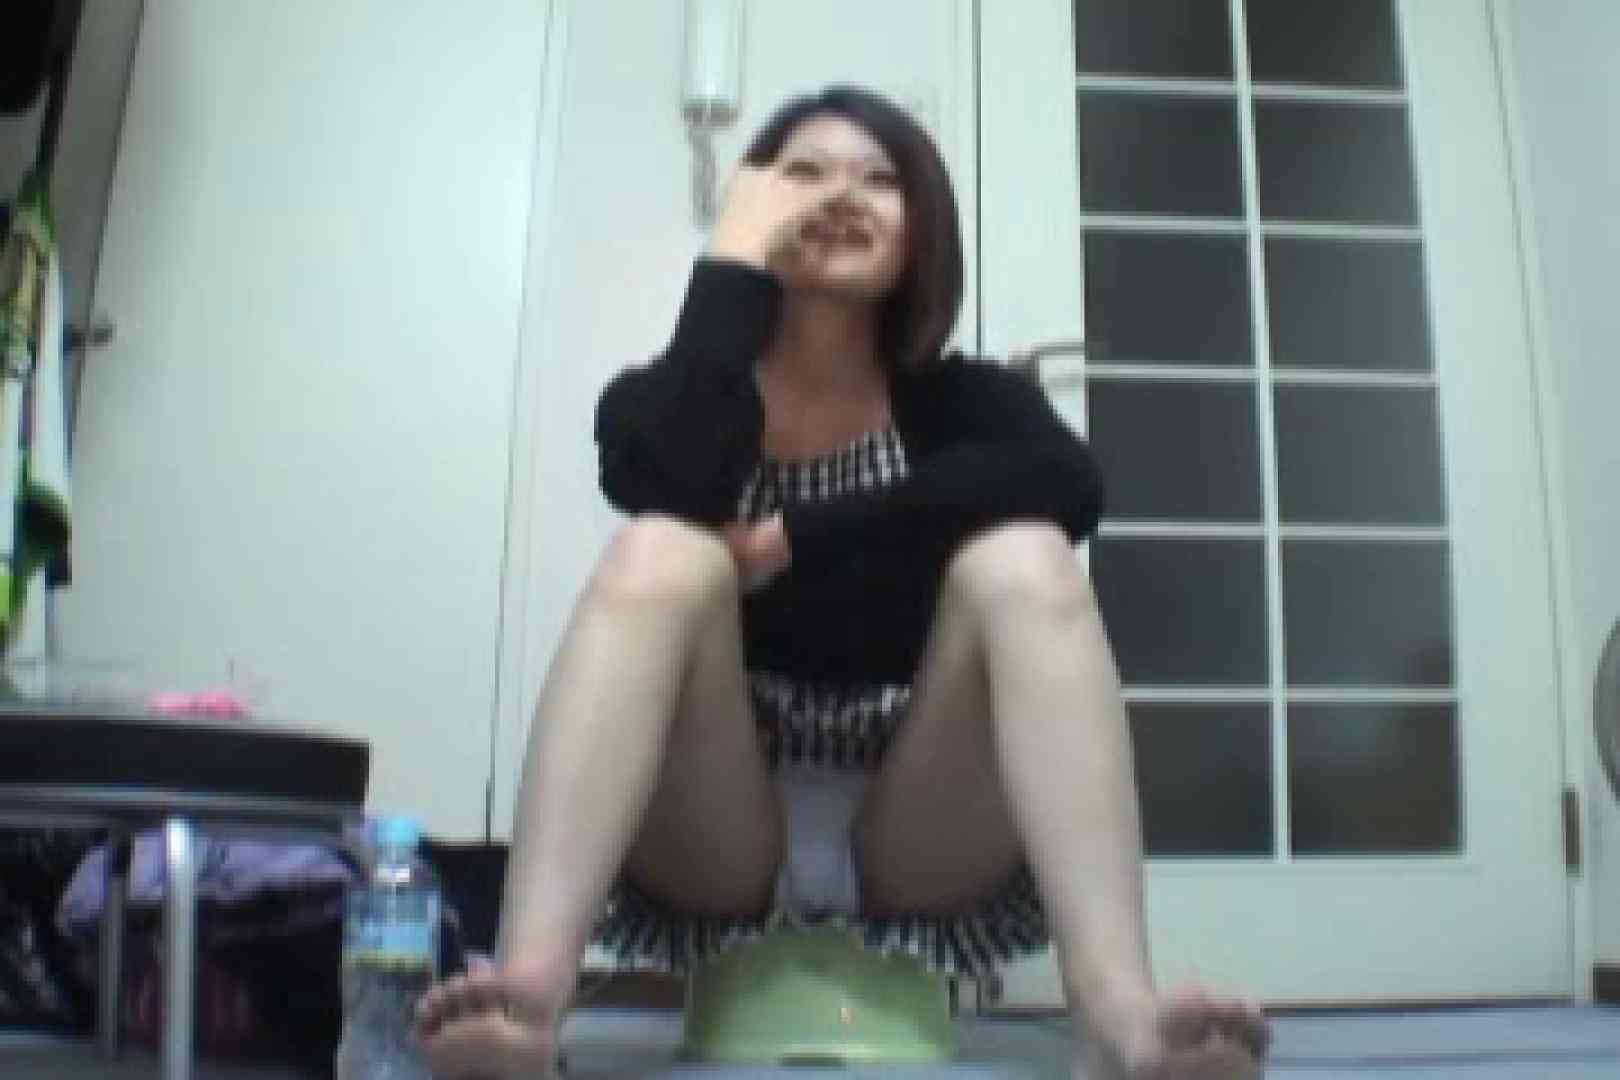 パンツ売りの女の子 りなちゃんvol.2 OLのエッチ のぞき動画キャプチャ 80pic 42